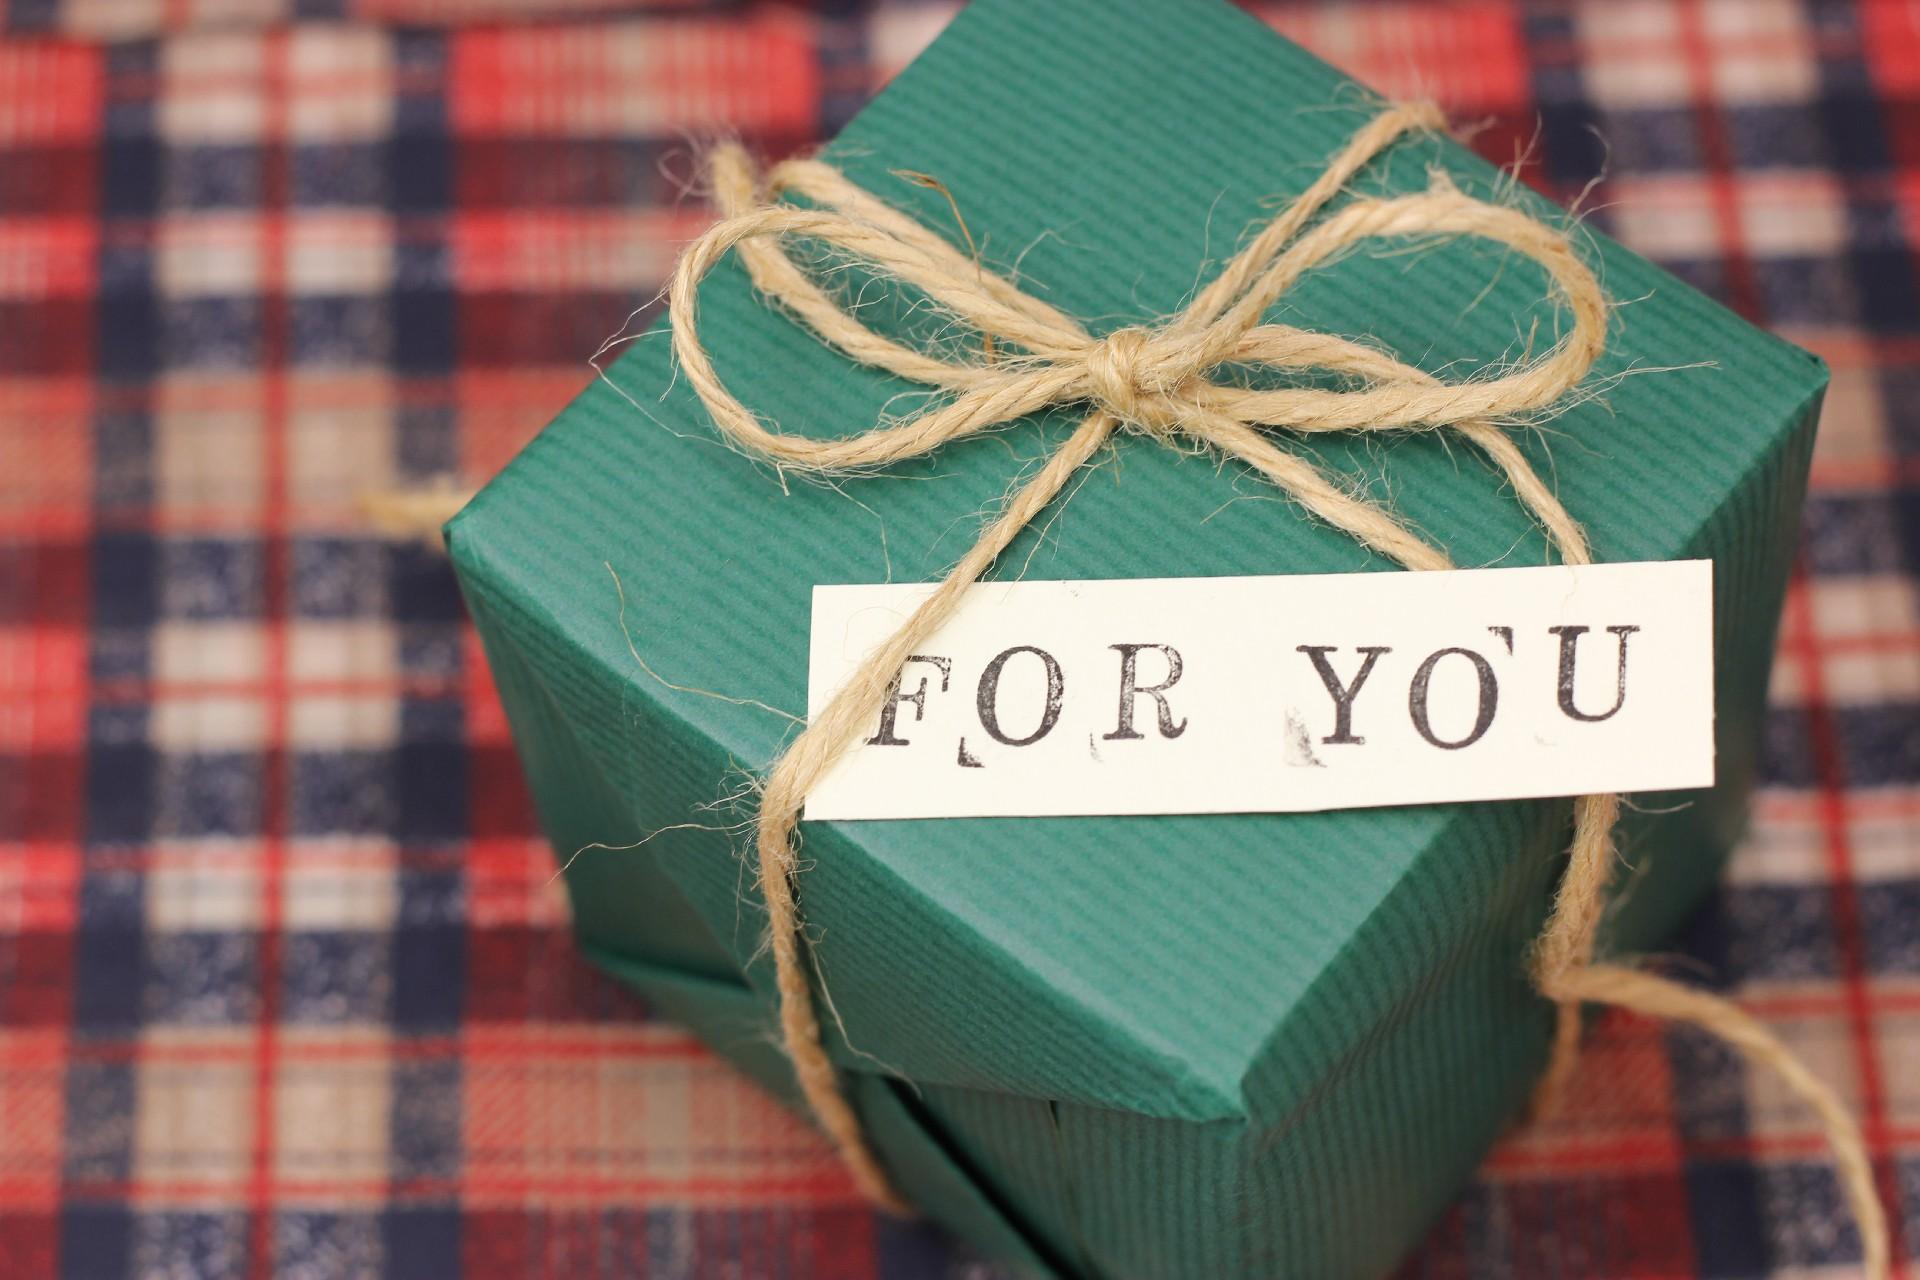 今年1年の感謝の気持ちを込めて! 素敵なギフトを贈りましょう